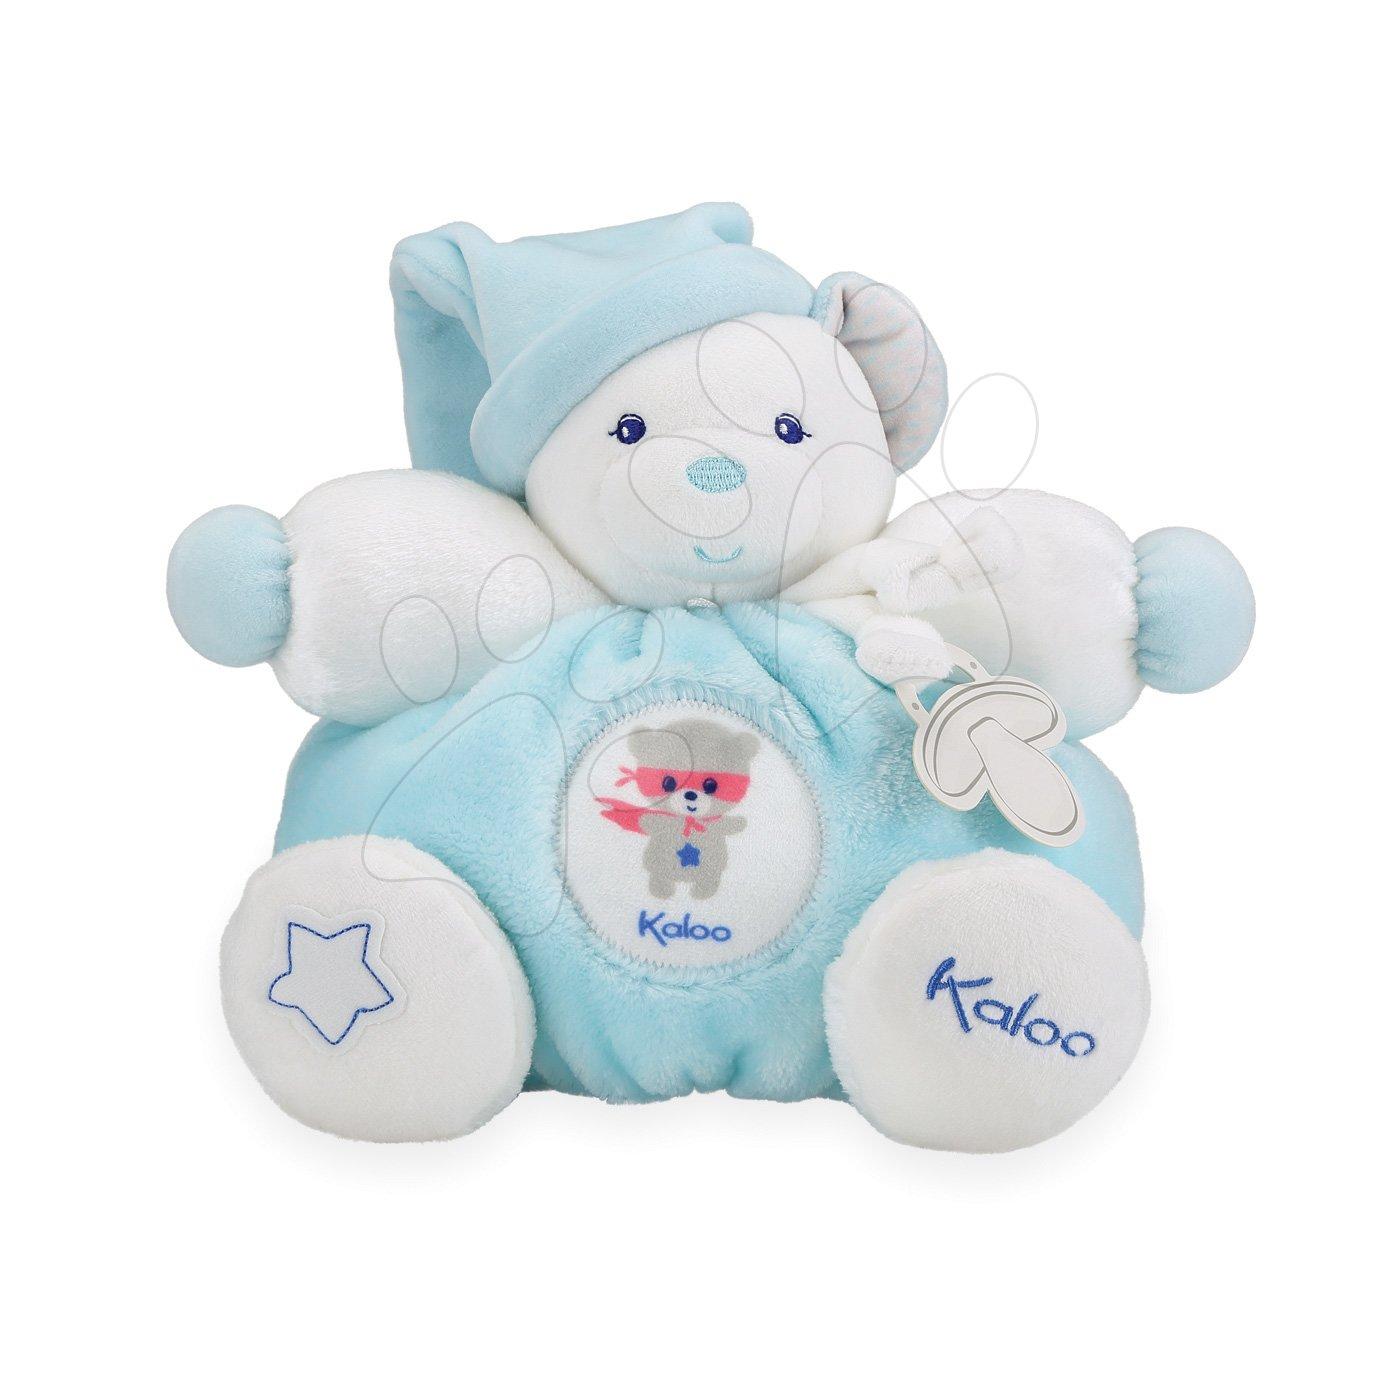 Plyšový medveď Imagine Chubby Kaloo svetielkujúci v darčekovom balení 25 cm tyrkysový od 0 mesiacov